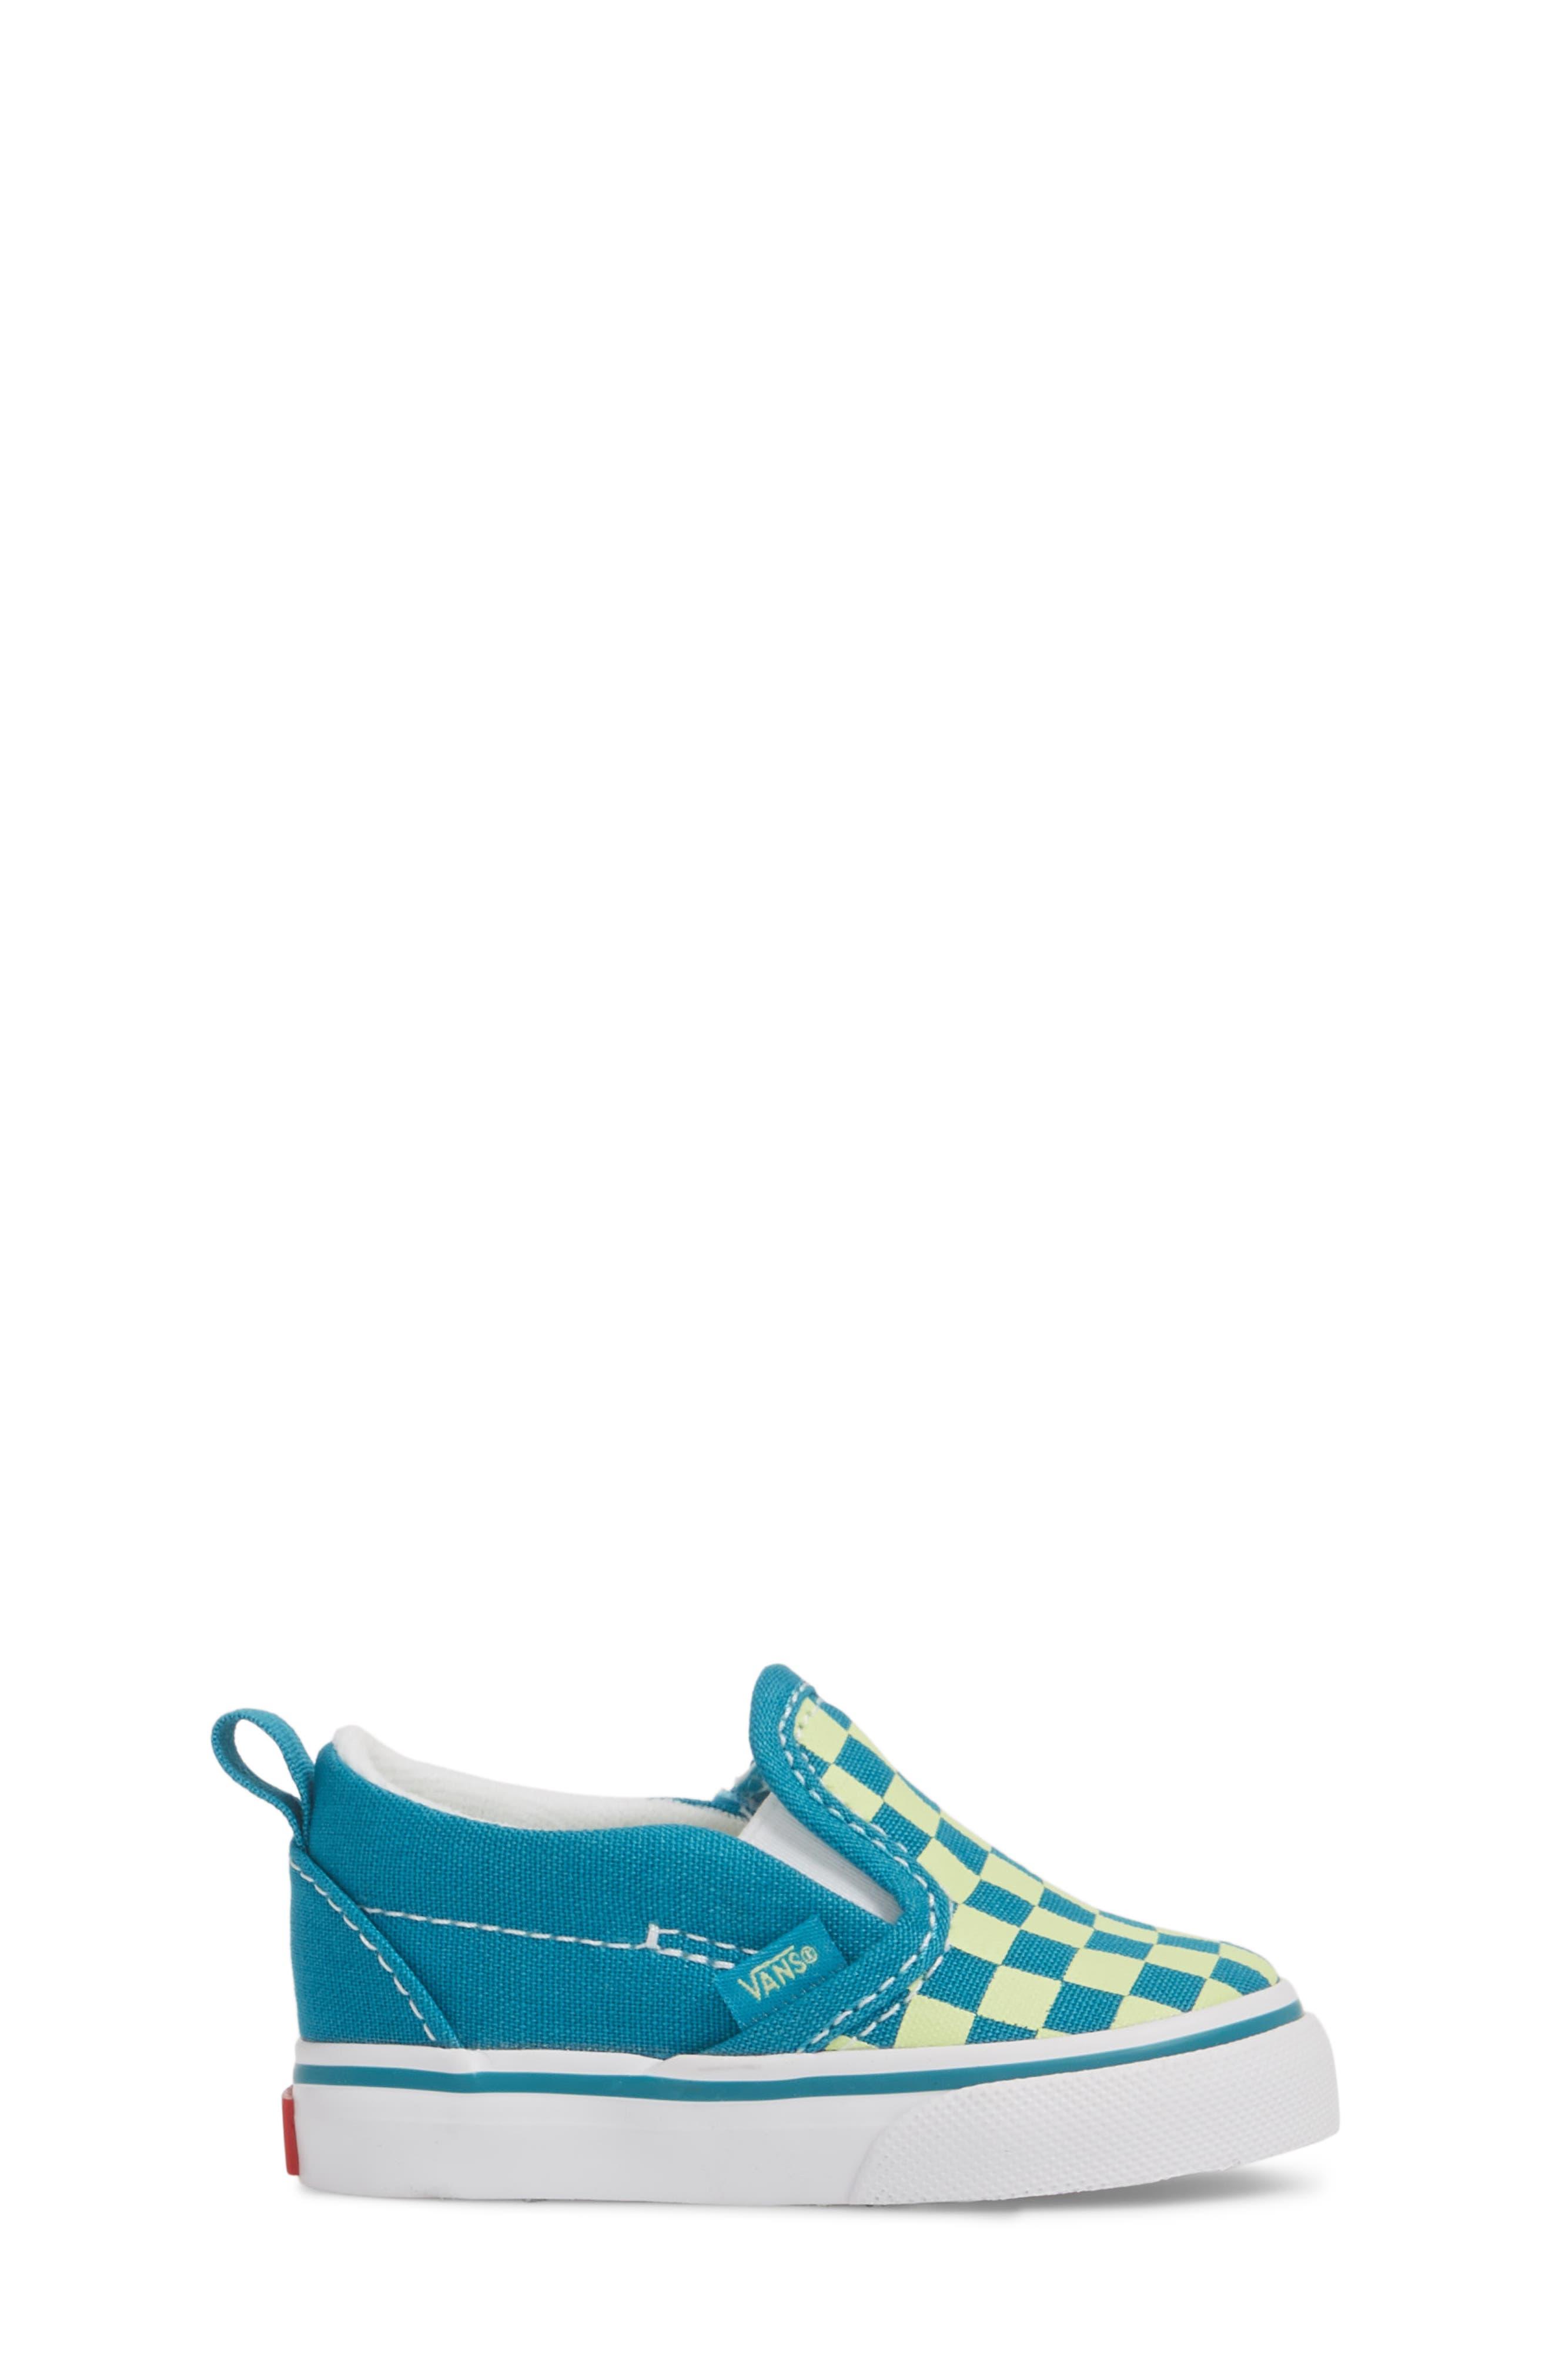 Slip-On Crib Shoe,                             Alternate thumbnail 3, color,                             ENAMEL BLUE/ SHARP GREEN